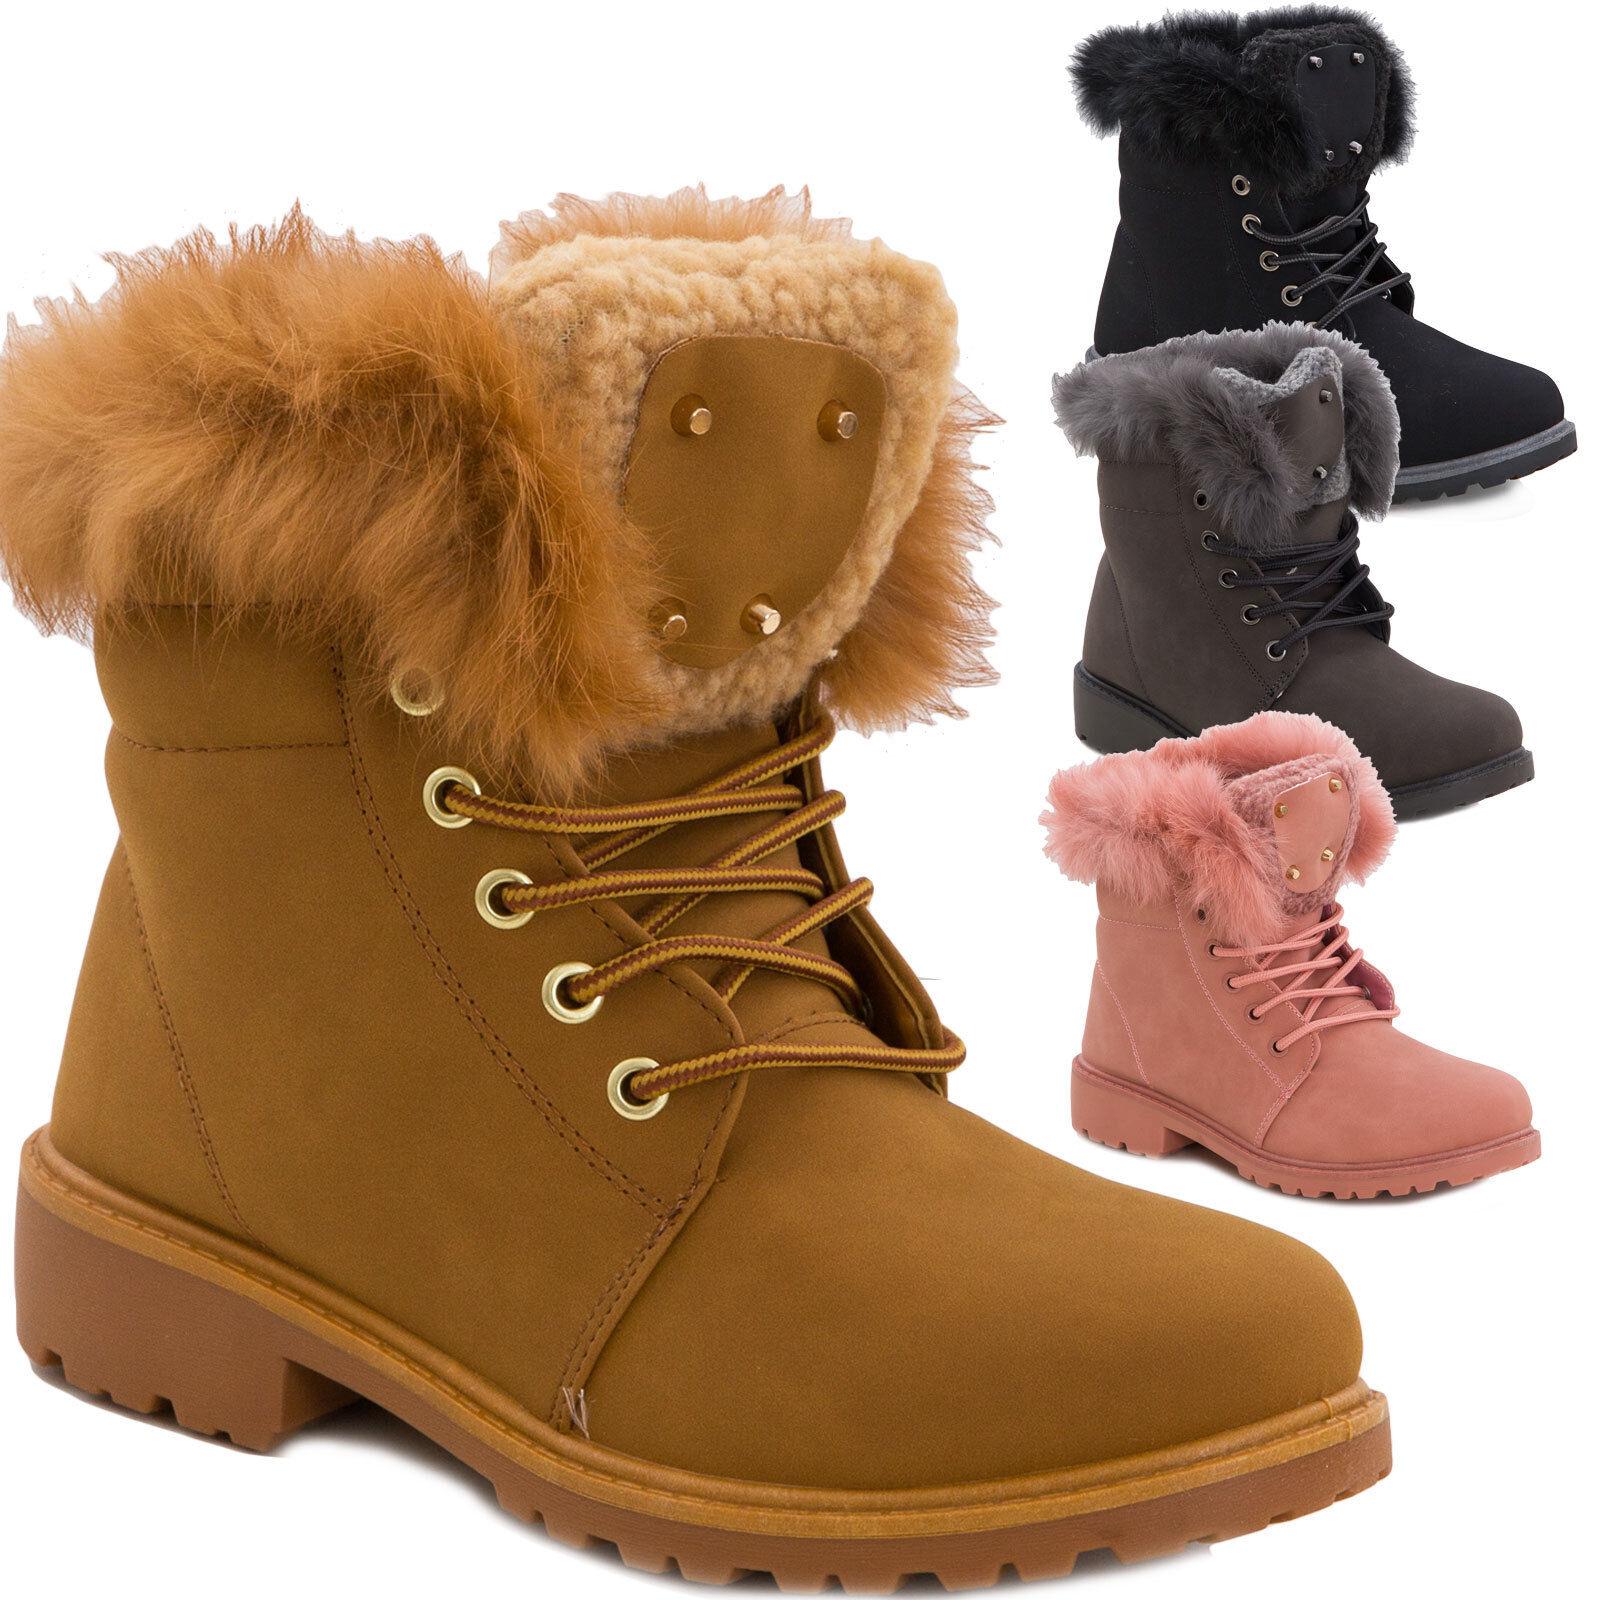 Botas de women botas shoes atado piel botas militares caldi nuevo W8120